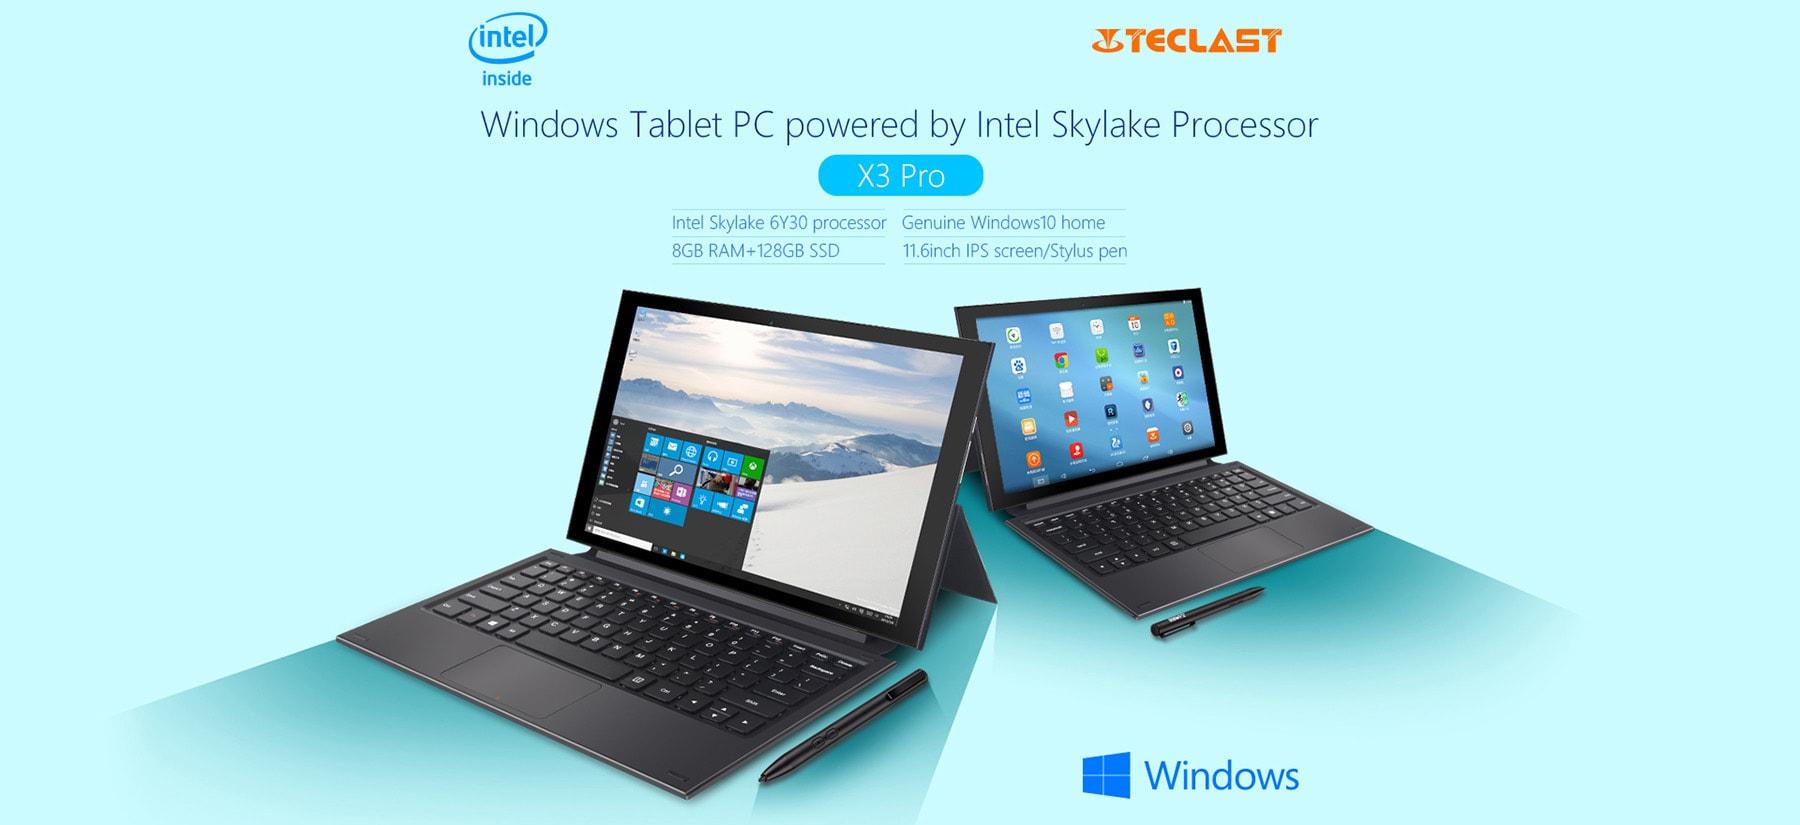 【Intel Core M3-6Y30】11.6インチ中華タブレット Teclast X3 Pro 8G/128GB 開封の儀 レビュー